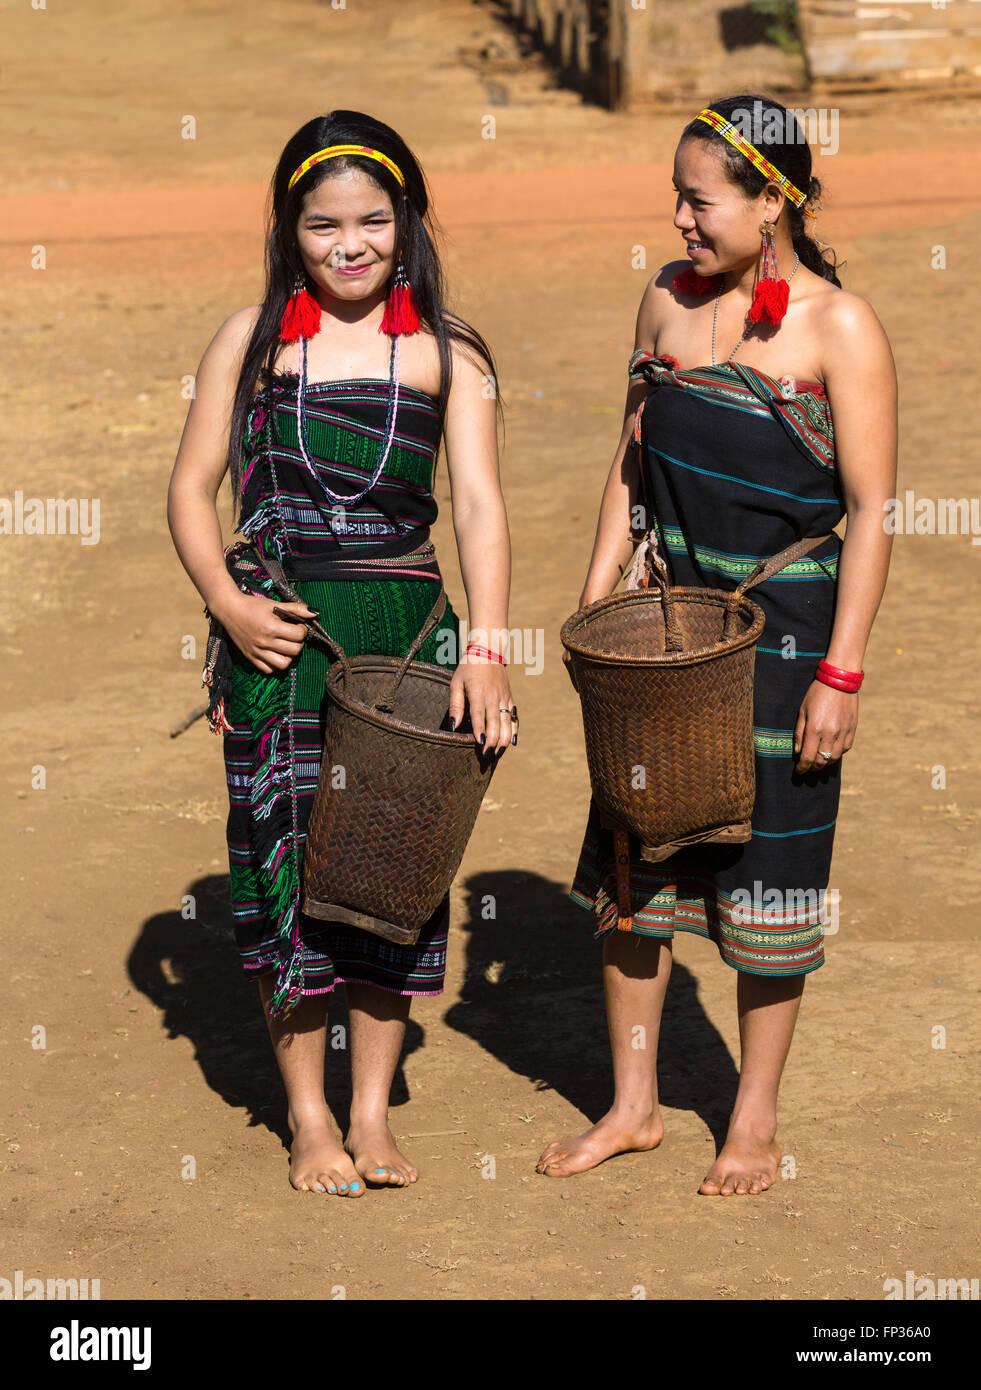 Phnong donne in costume tradizionale, minoranza etnica, essi Pnong, Bunong, Senmonorom, Sen Monorom, zone di Mondulkiri Immagini Stock